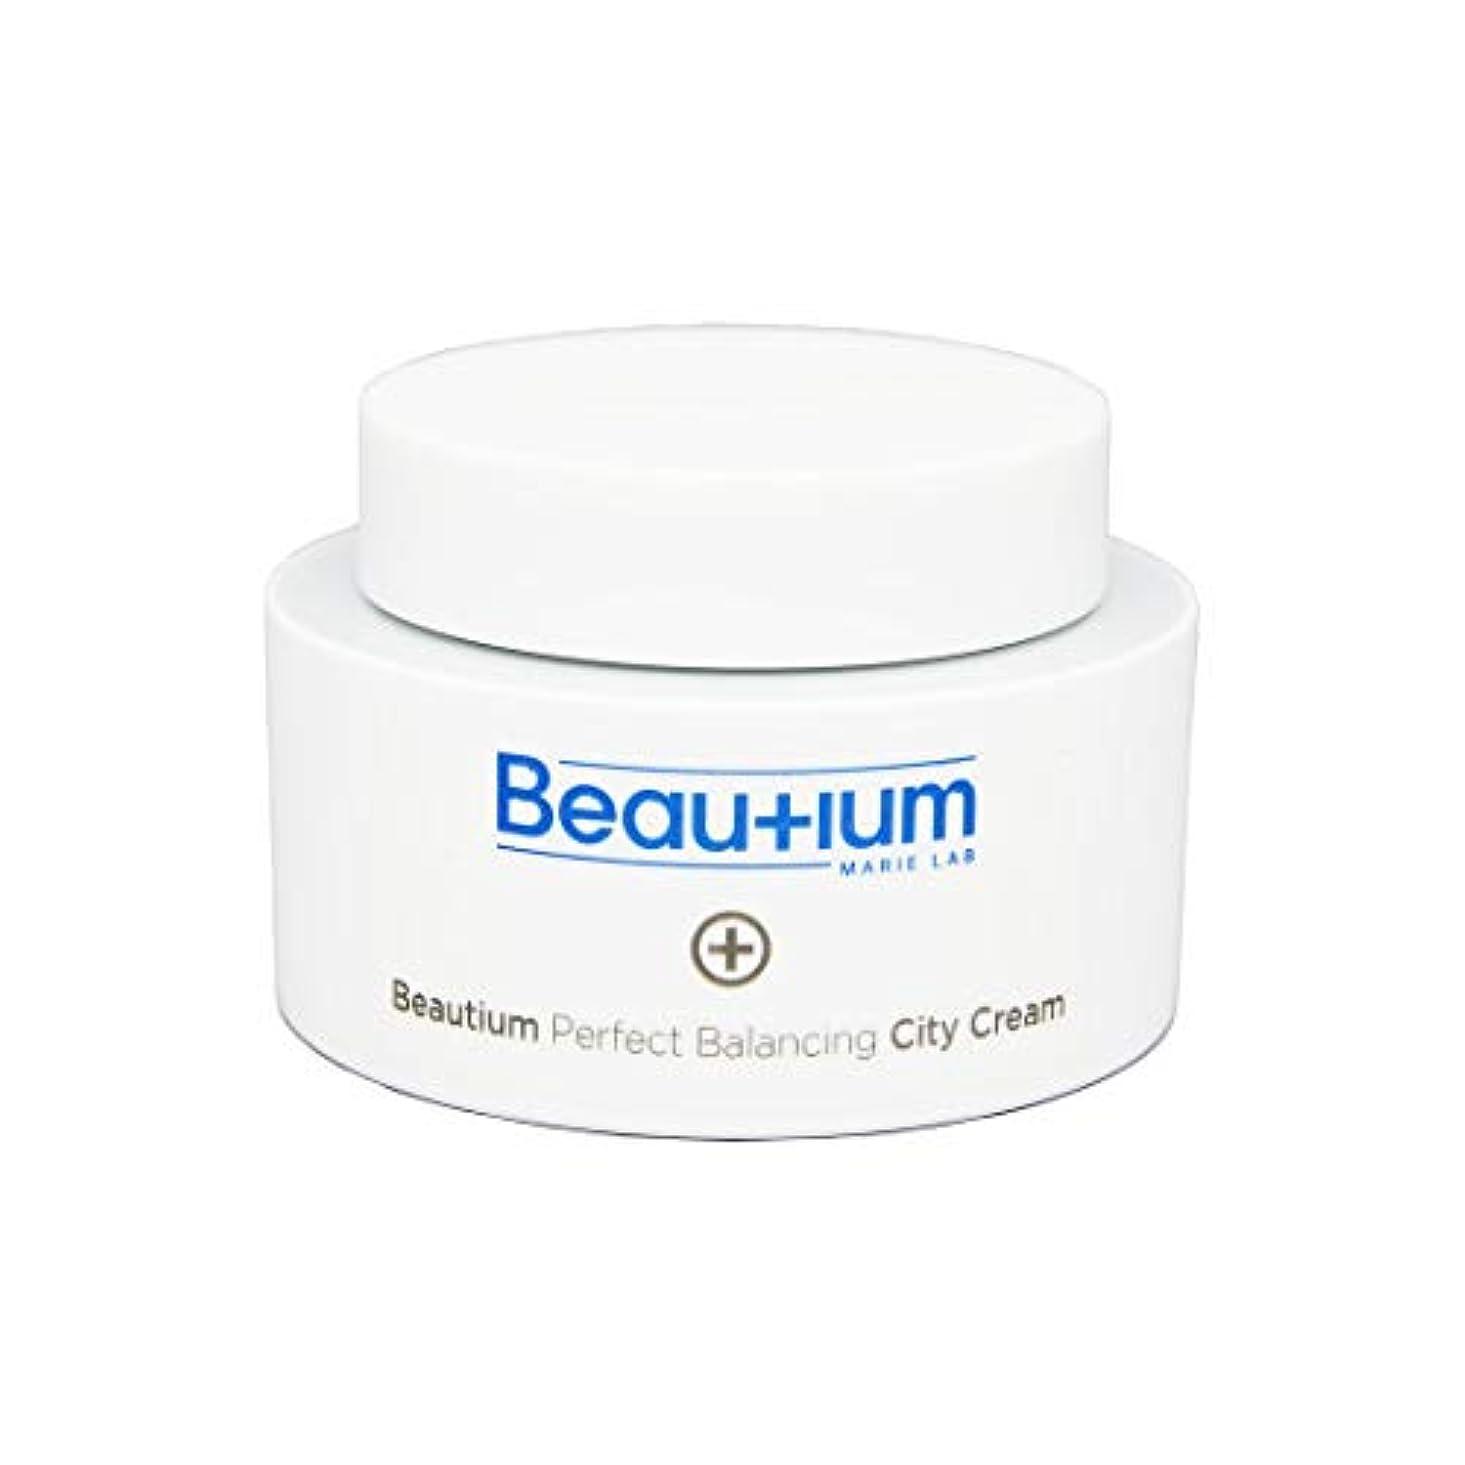 アスレチック説得力のある学ぶ[Beautium] 完璧な平衡都会クリーム50g白化 & 防しわ用デュアル機能化粧品 ??? ??? ?? ??